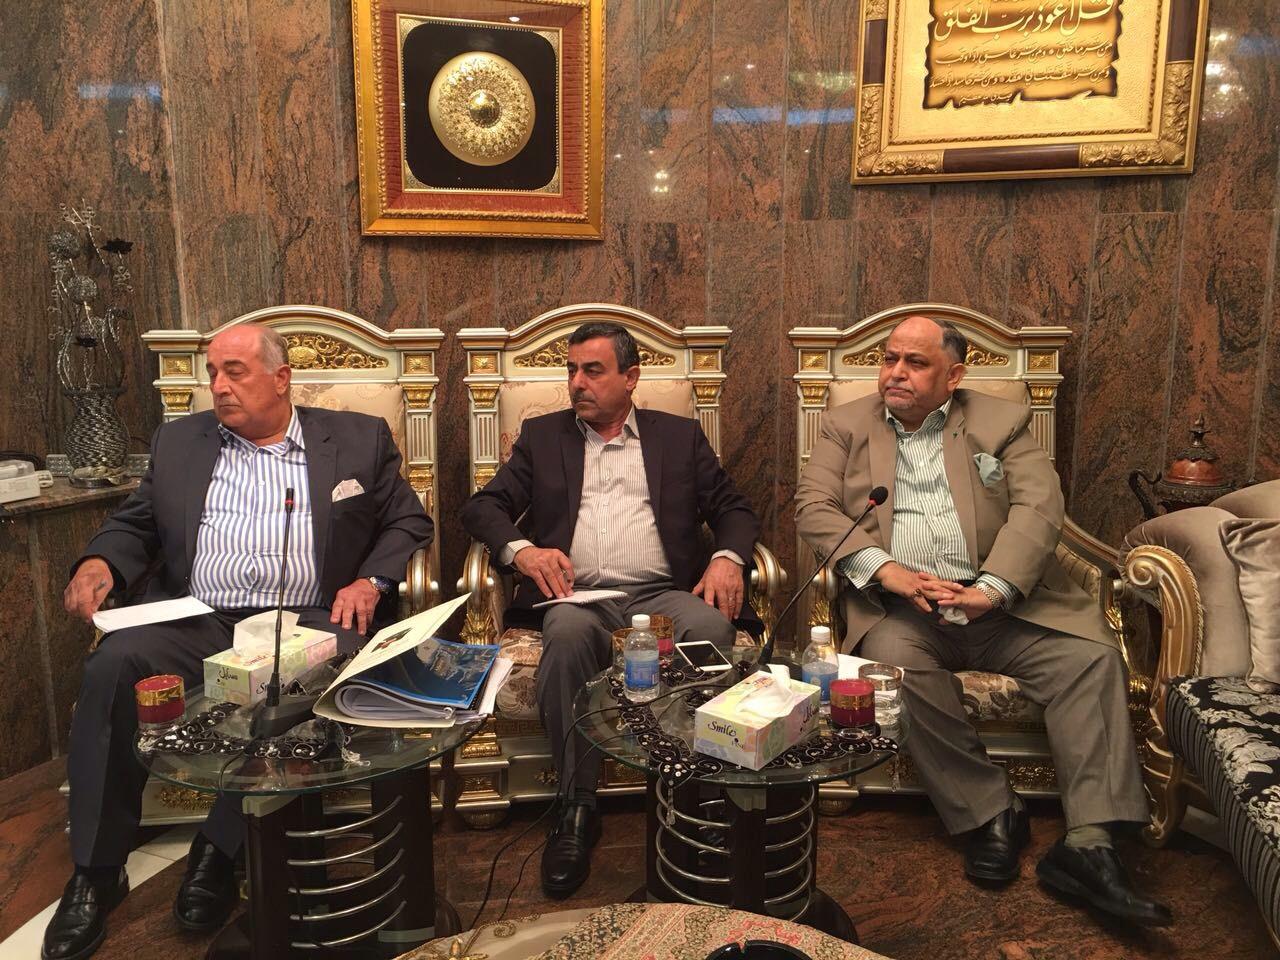 المجلس الاقتصادي العراقي يعقد اجتماعاً لمناقشة السندات الحكومية واعادة ترميم مجمعي الليث والهادي في الكرادة